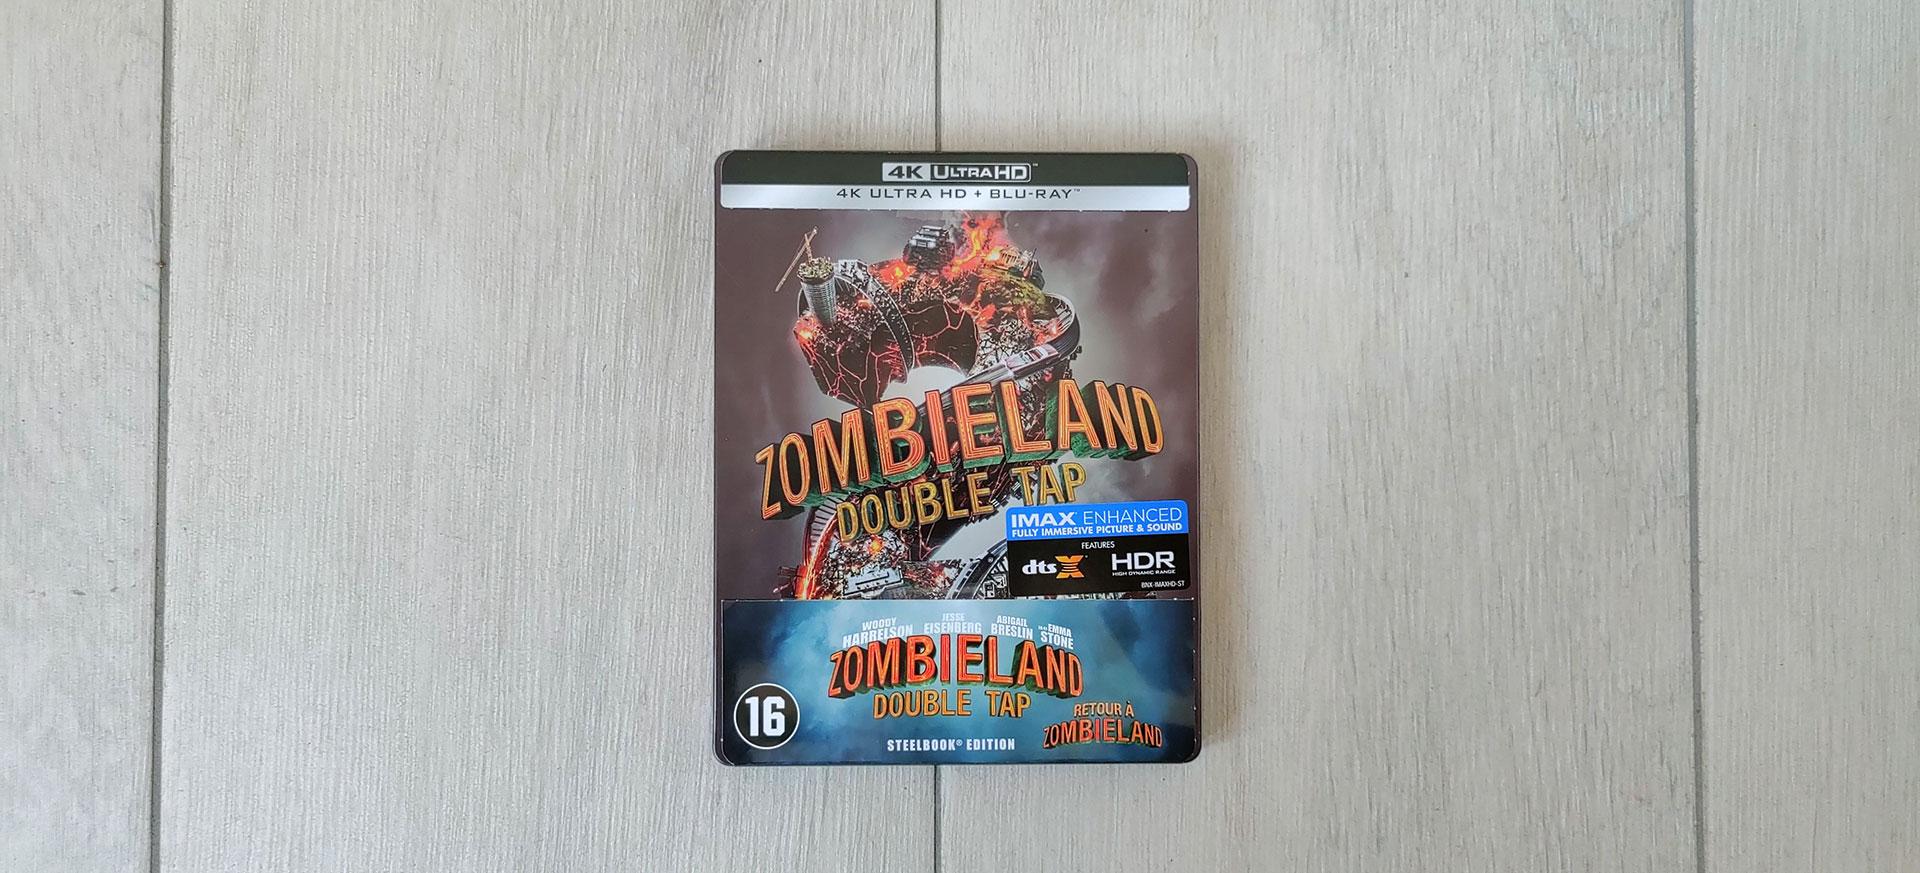 Zombieland Double Tap 4K